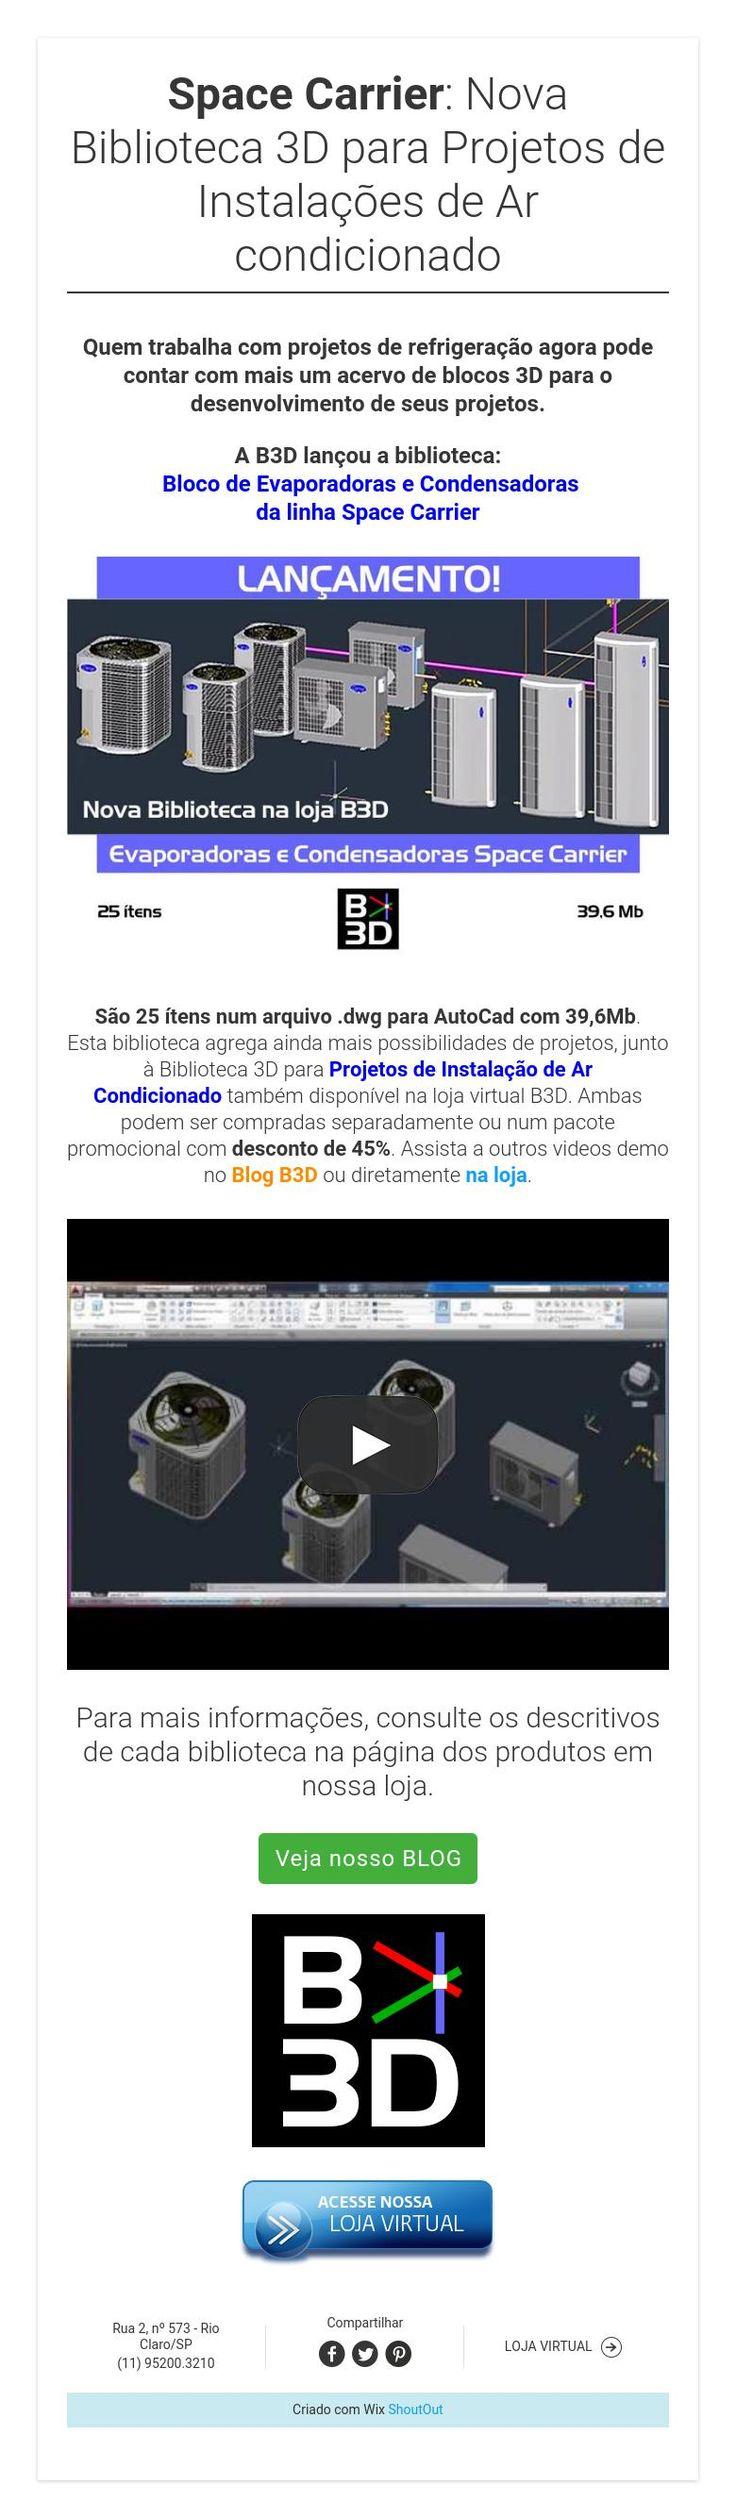 Space Carrier: Nova Biblioteca 3D para Projetos de Instalações de Ar condicionado